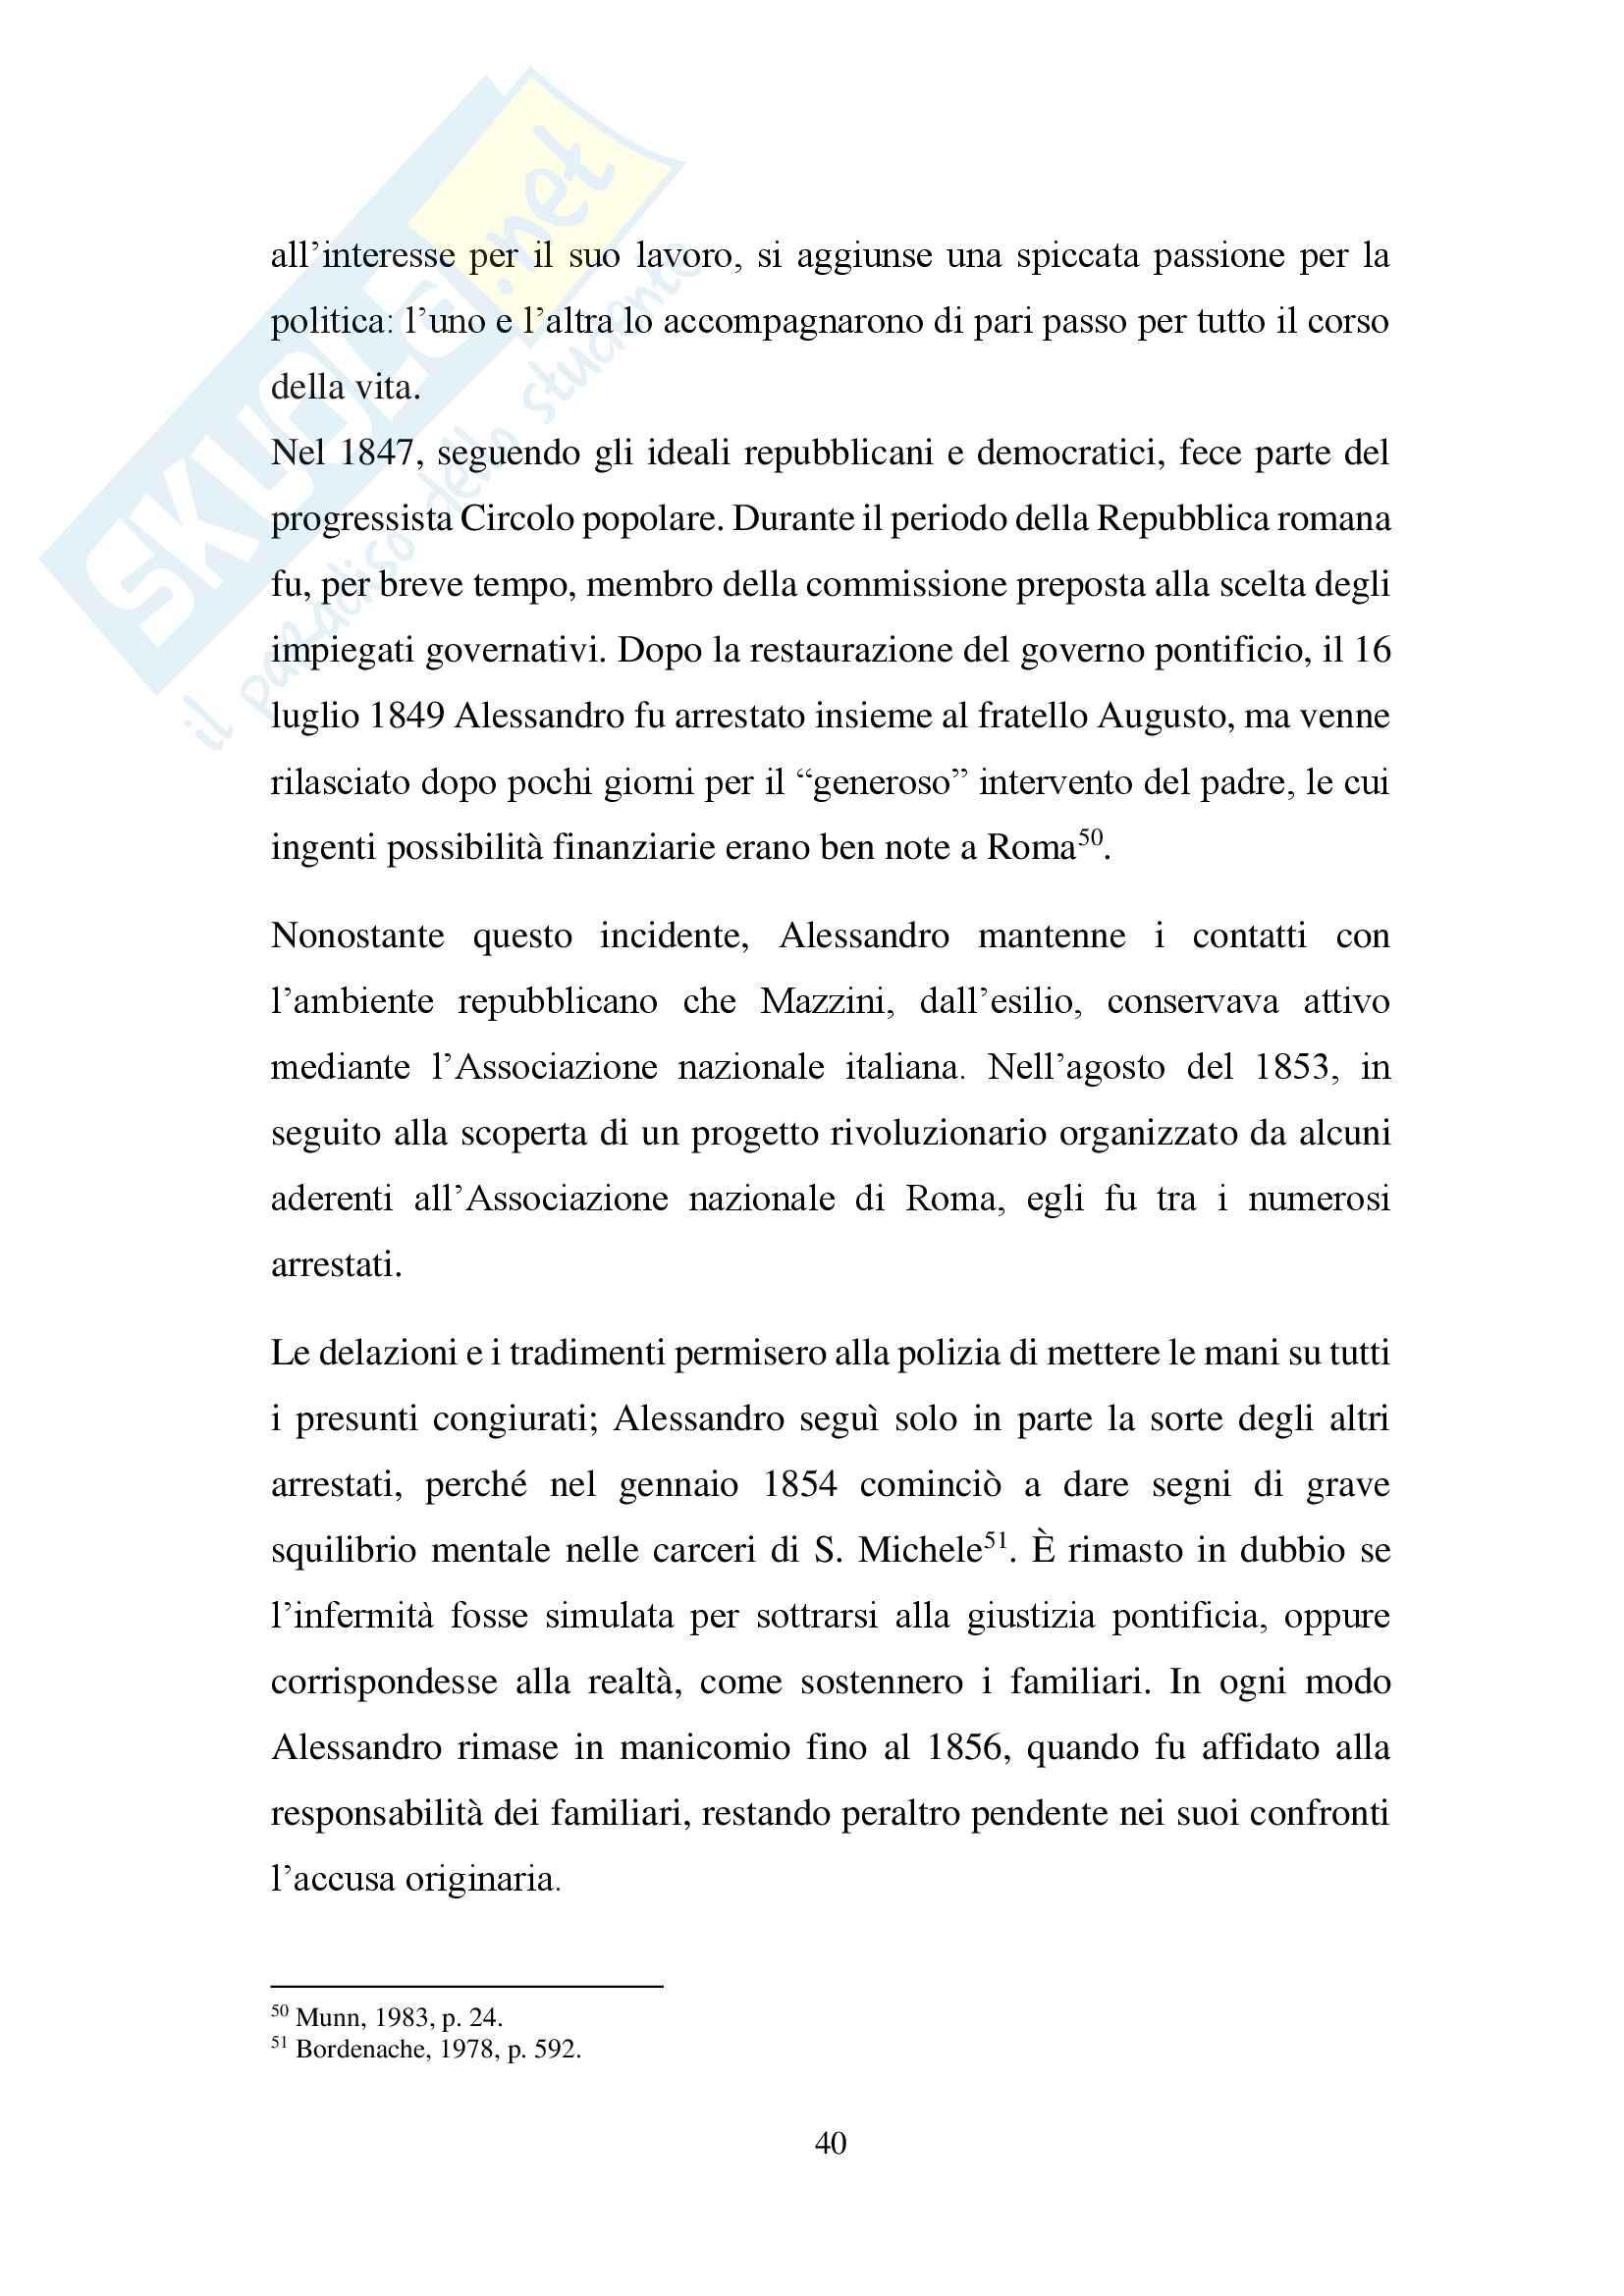 Oreficerie Castellani: Tesi di laurea sull'oreficeria dell'800 storia e tecniche artistiche Pag. 41